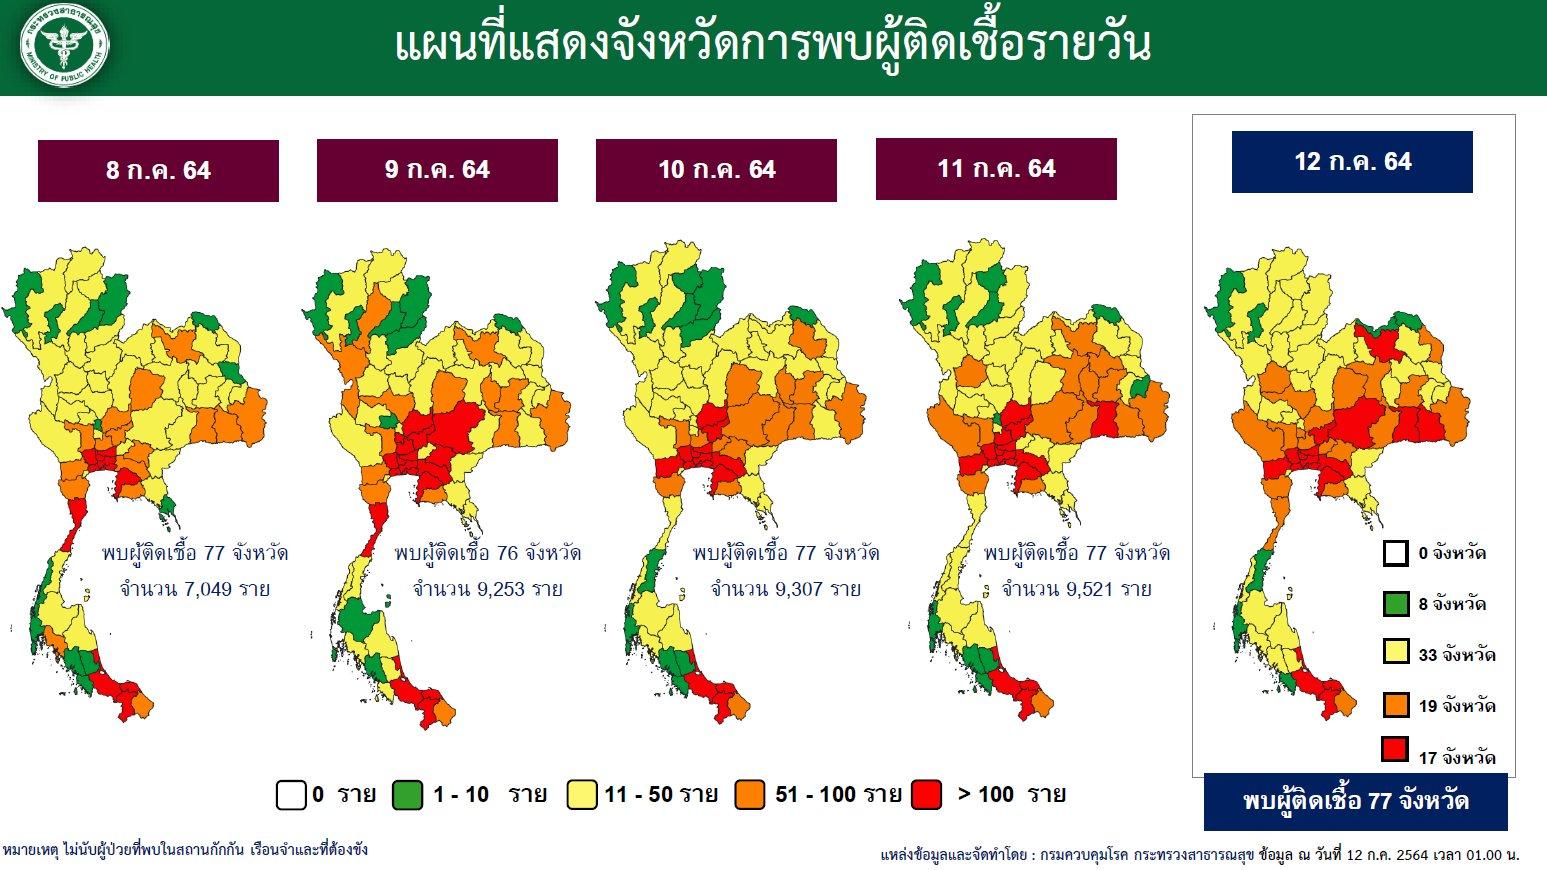 www.thaiguide.dk/images/forum/covid19/spredning%2012-07-21.jpg